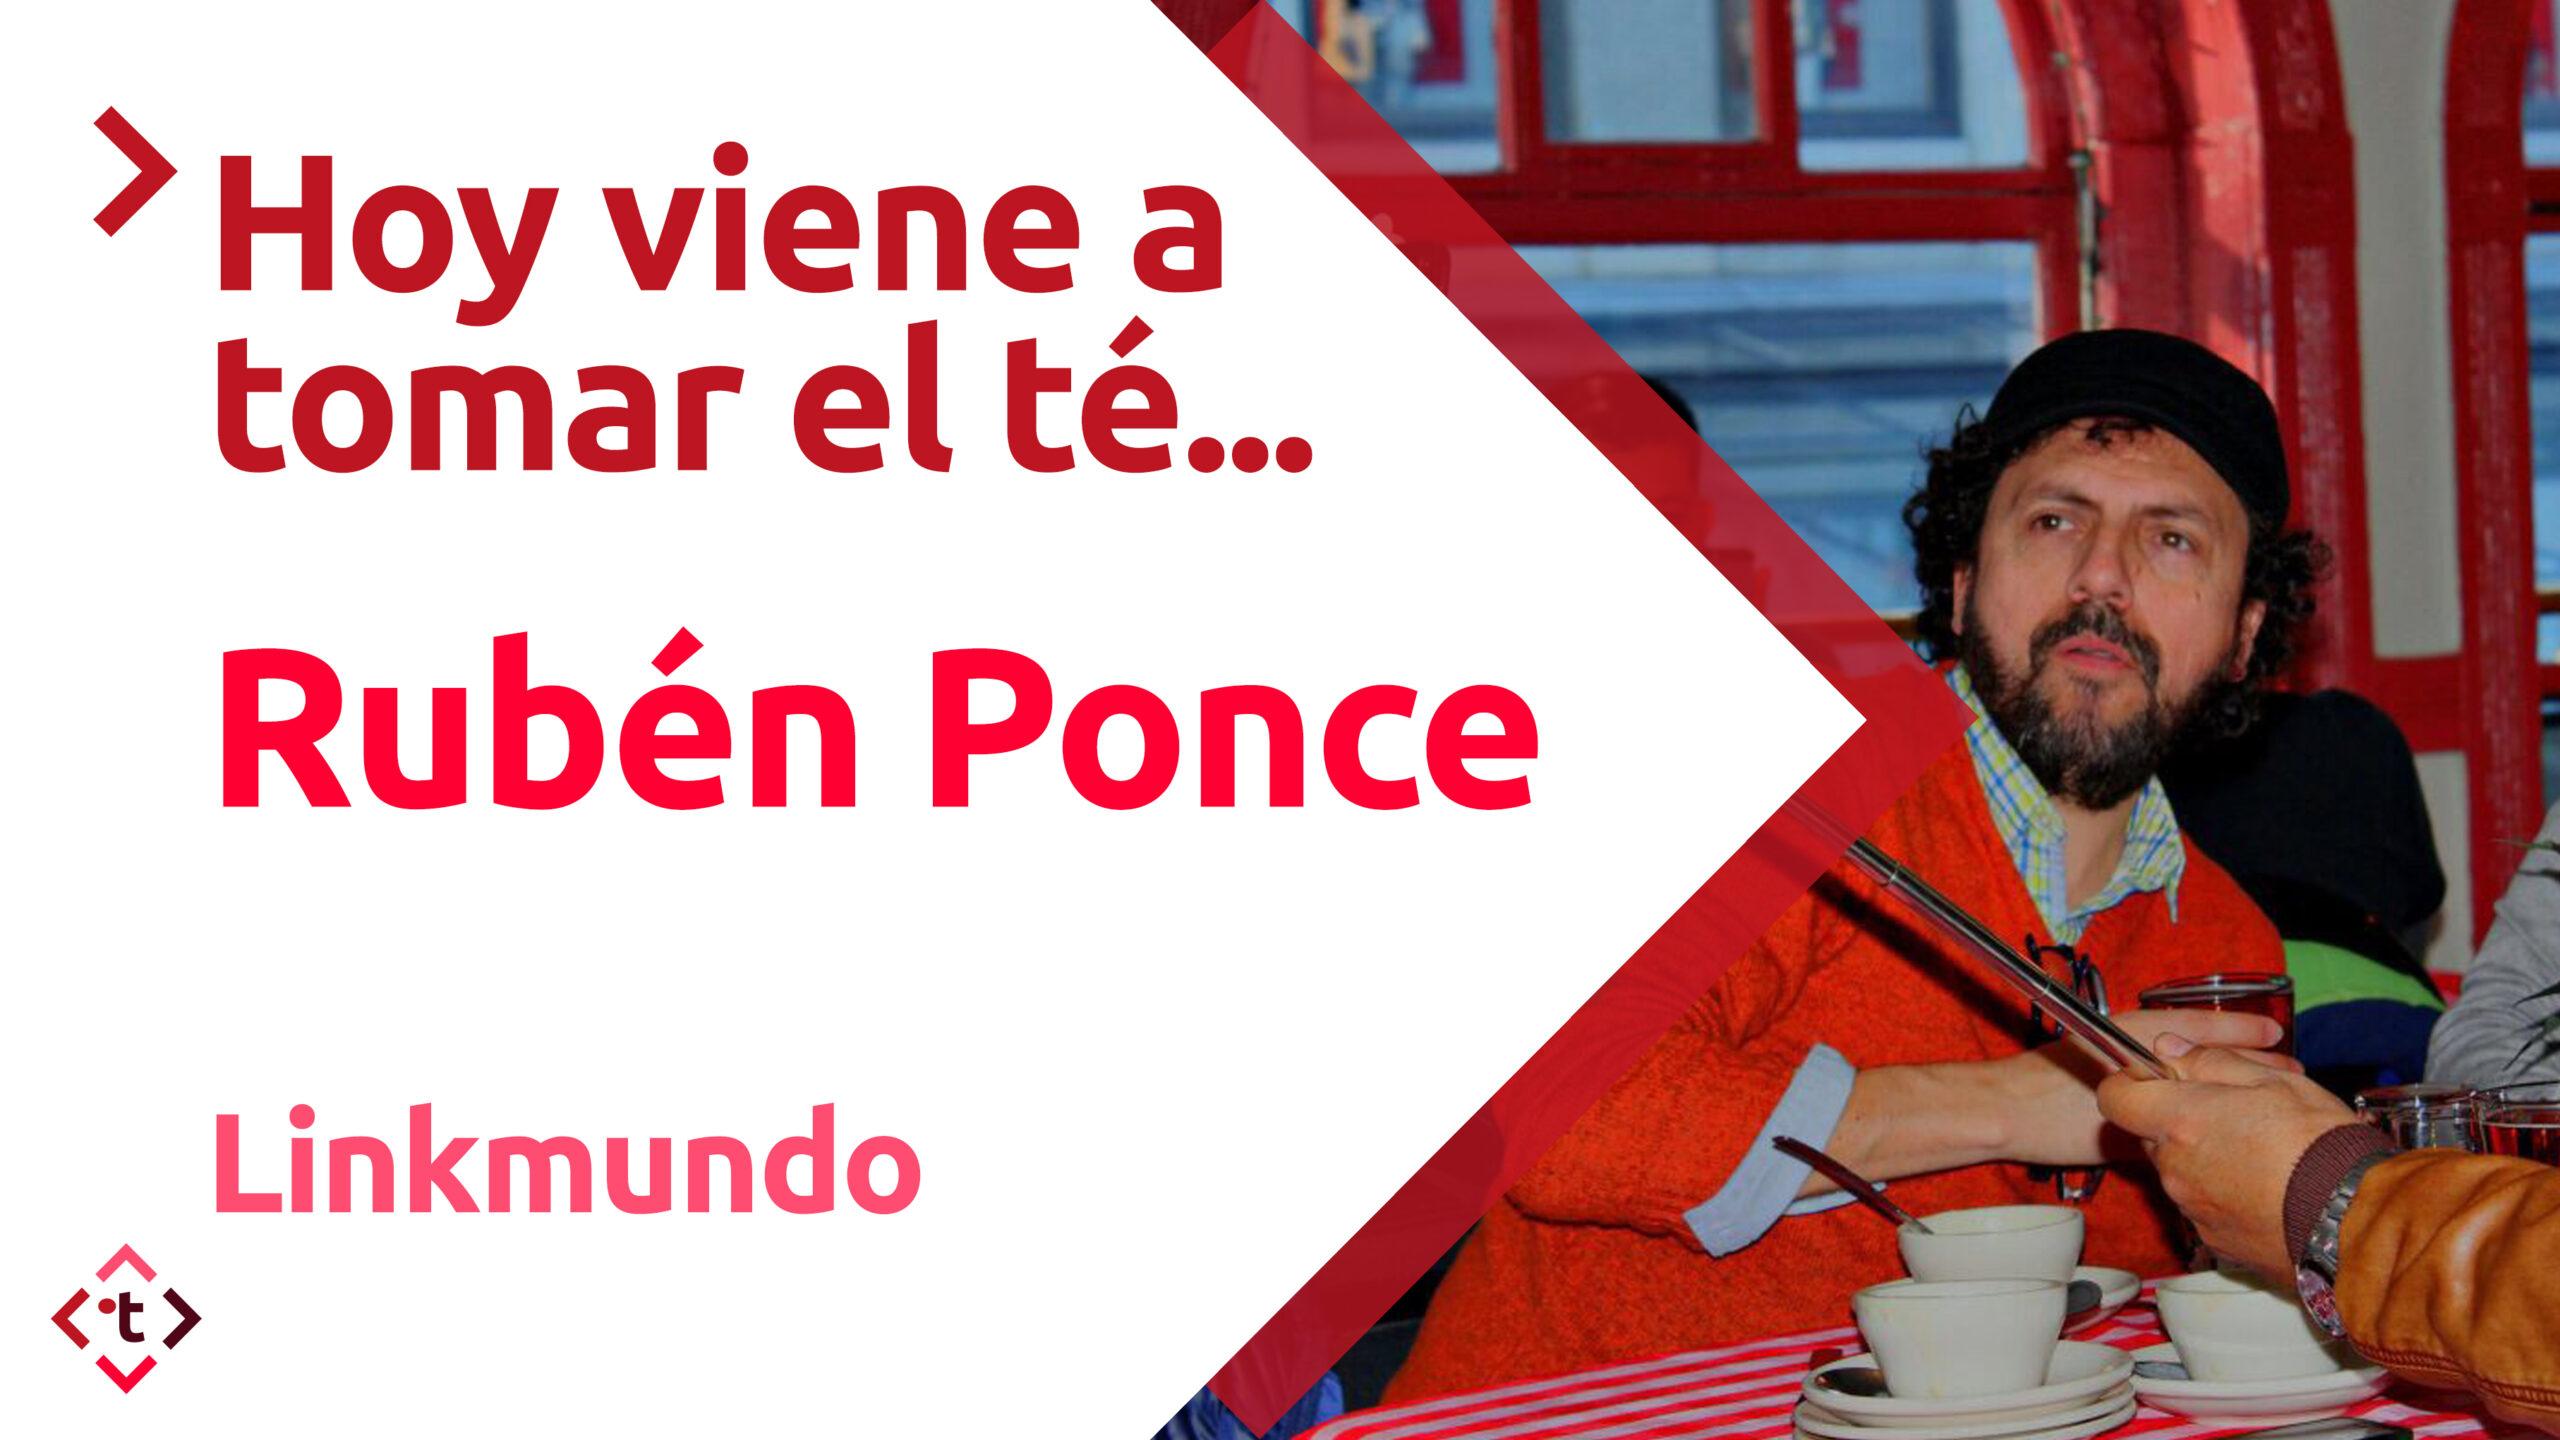 ·Rubén Ponce